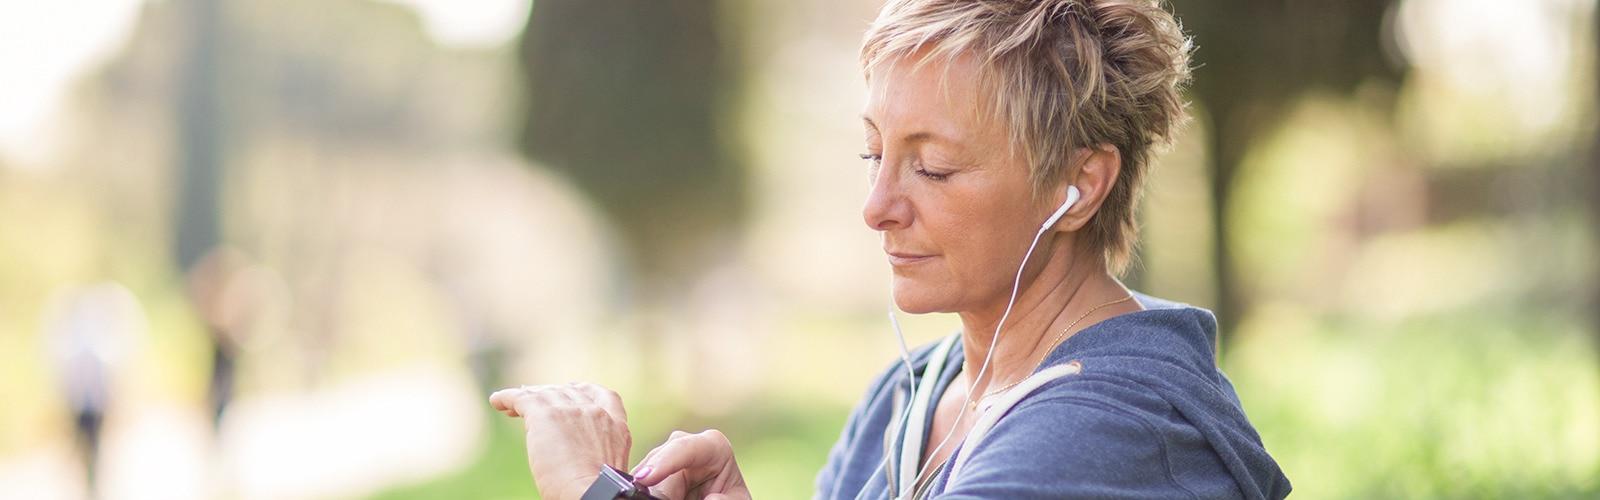 Une joggeuse avec desécouteurs dans les oreilles regarde l'heure sur sa montre